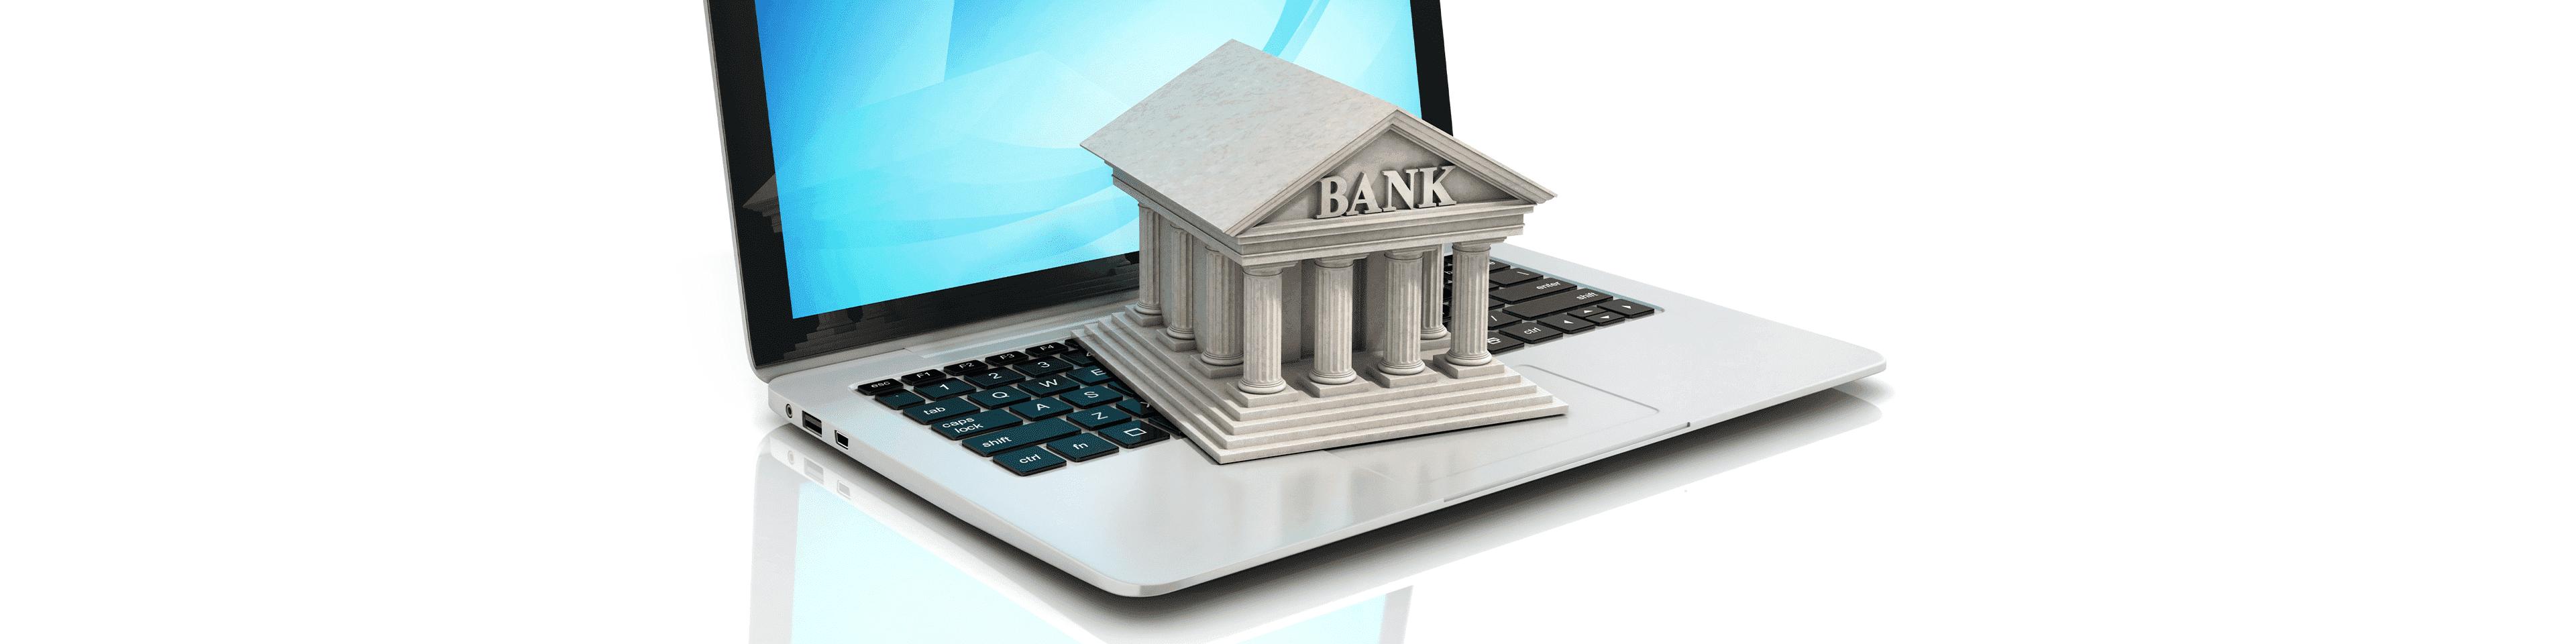 bankgebouw op laptop